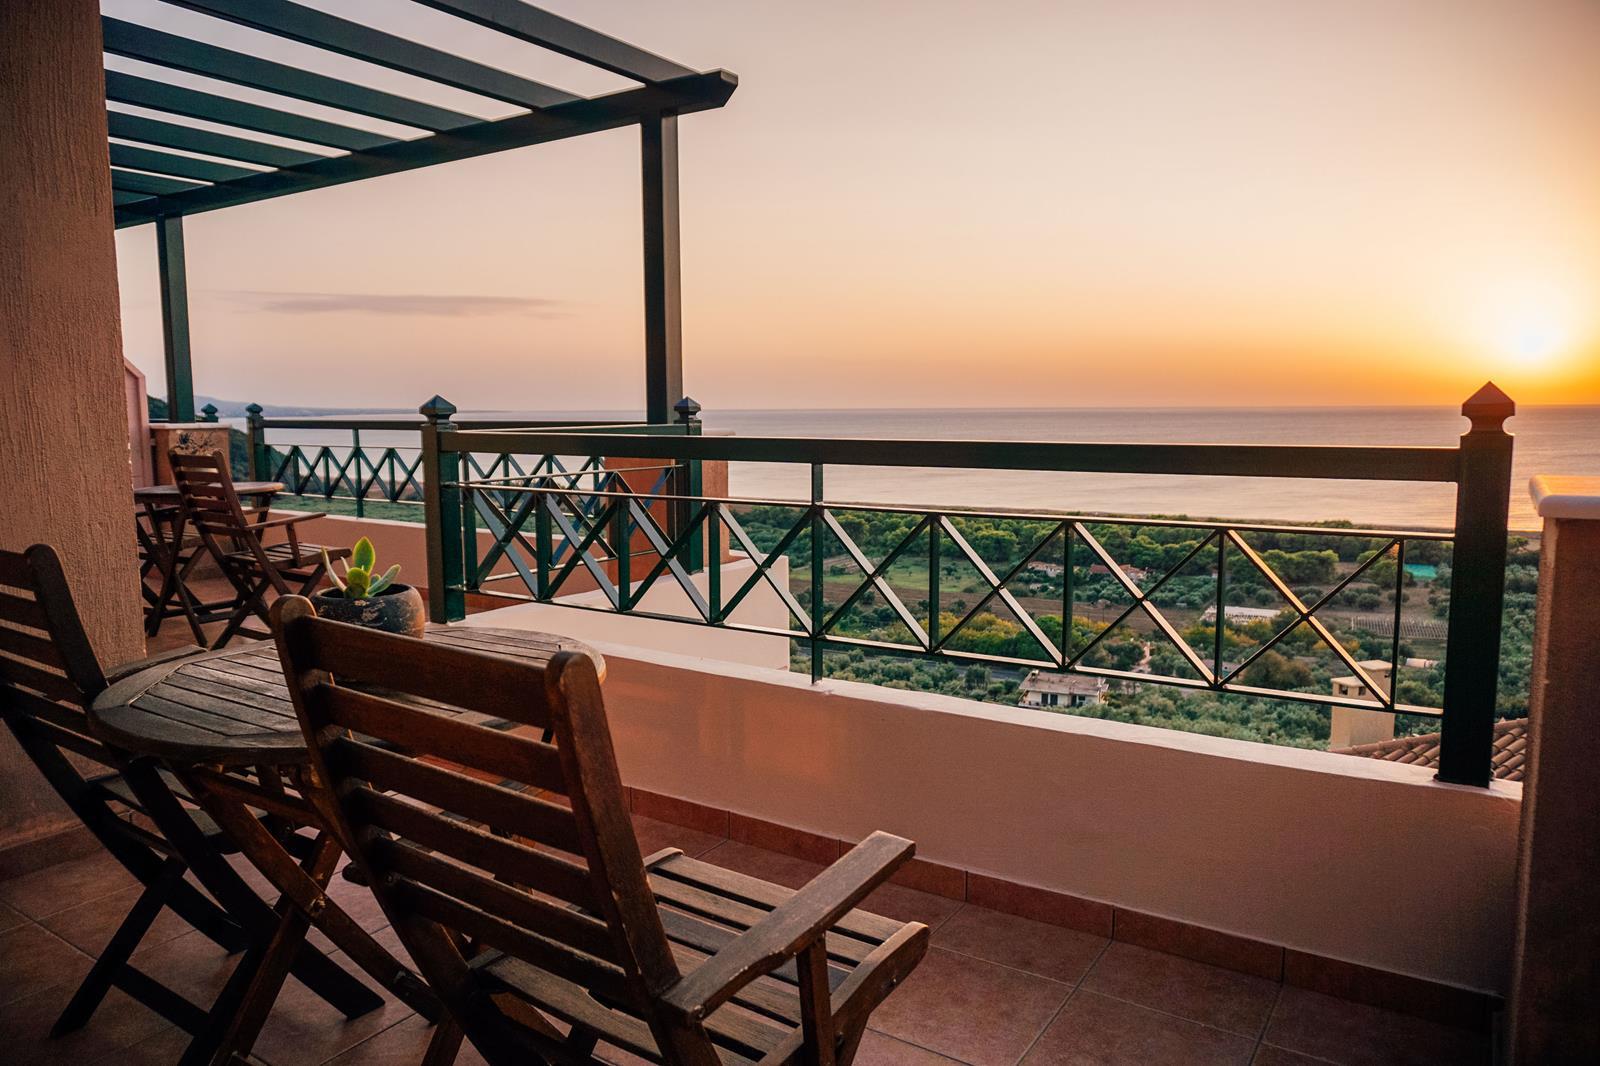 Σουίτα με Θέα στη Θάλασσα Κυπαρισσία | Natura Club & Spa